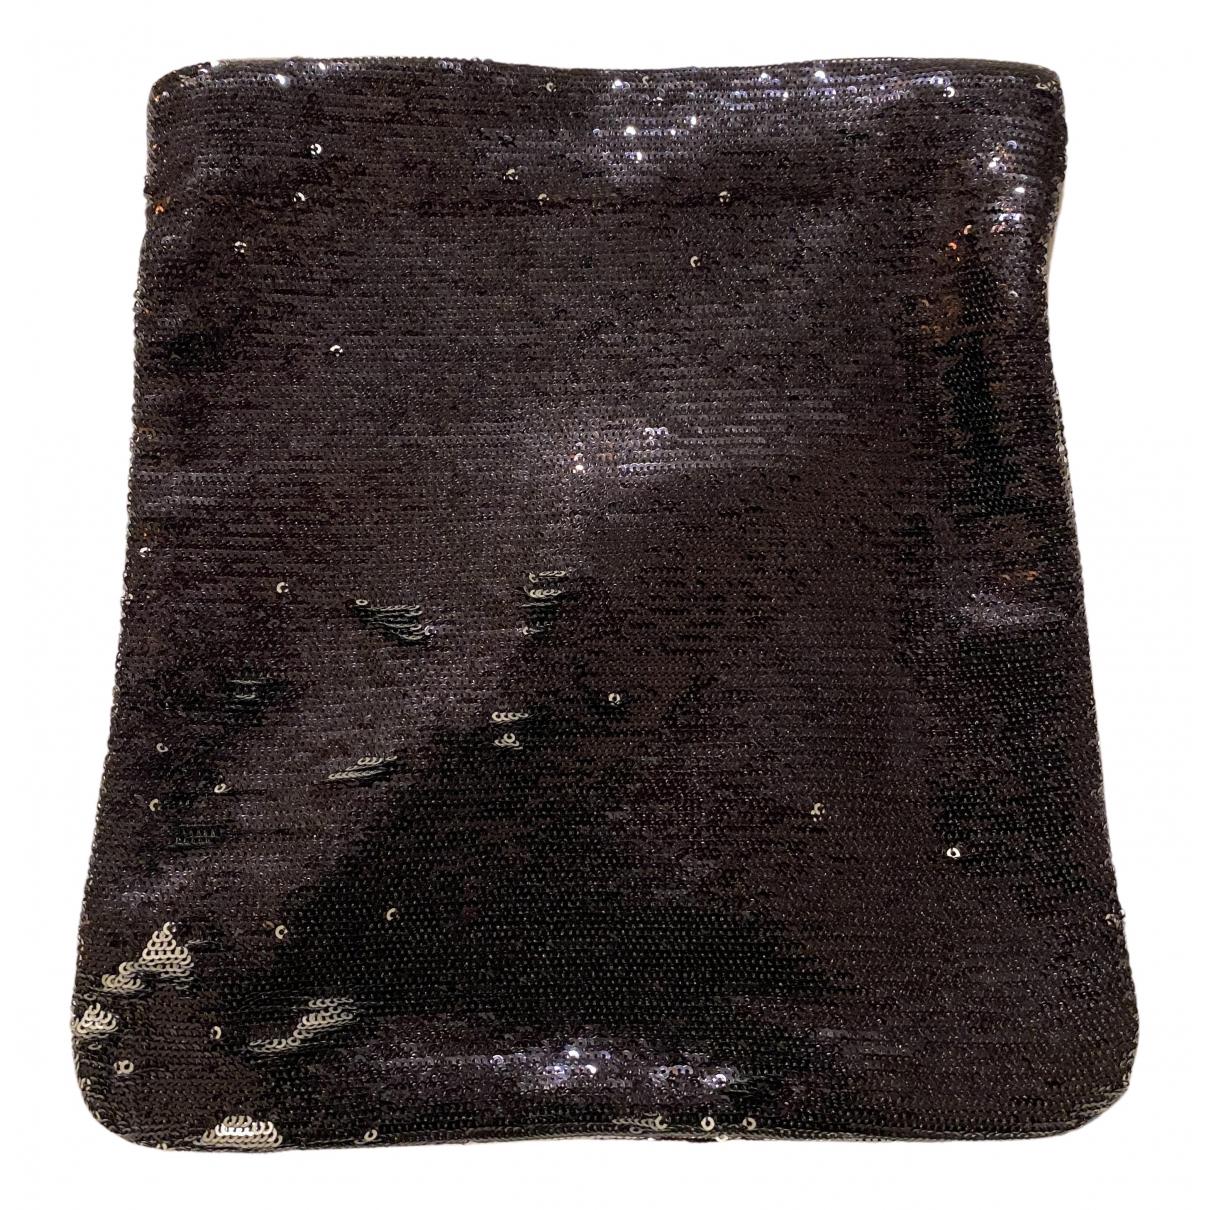 Maje - Pochette   pour femme en a paillettes - noir